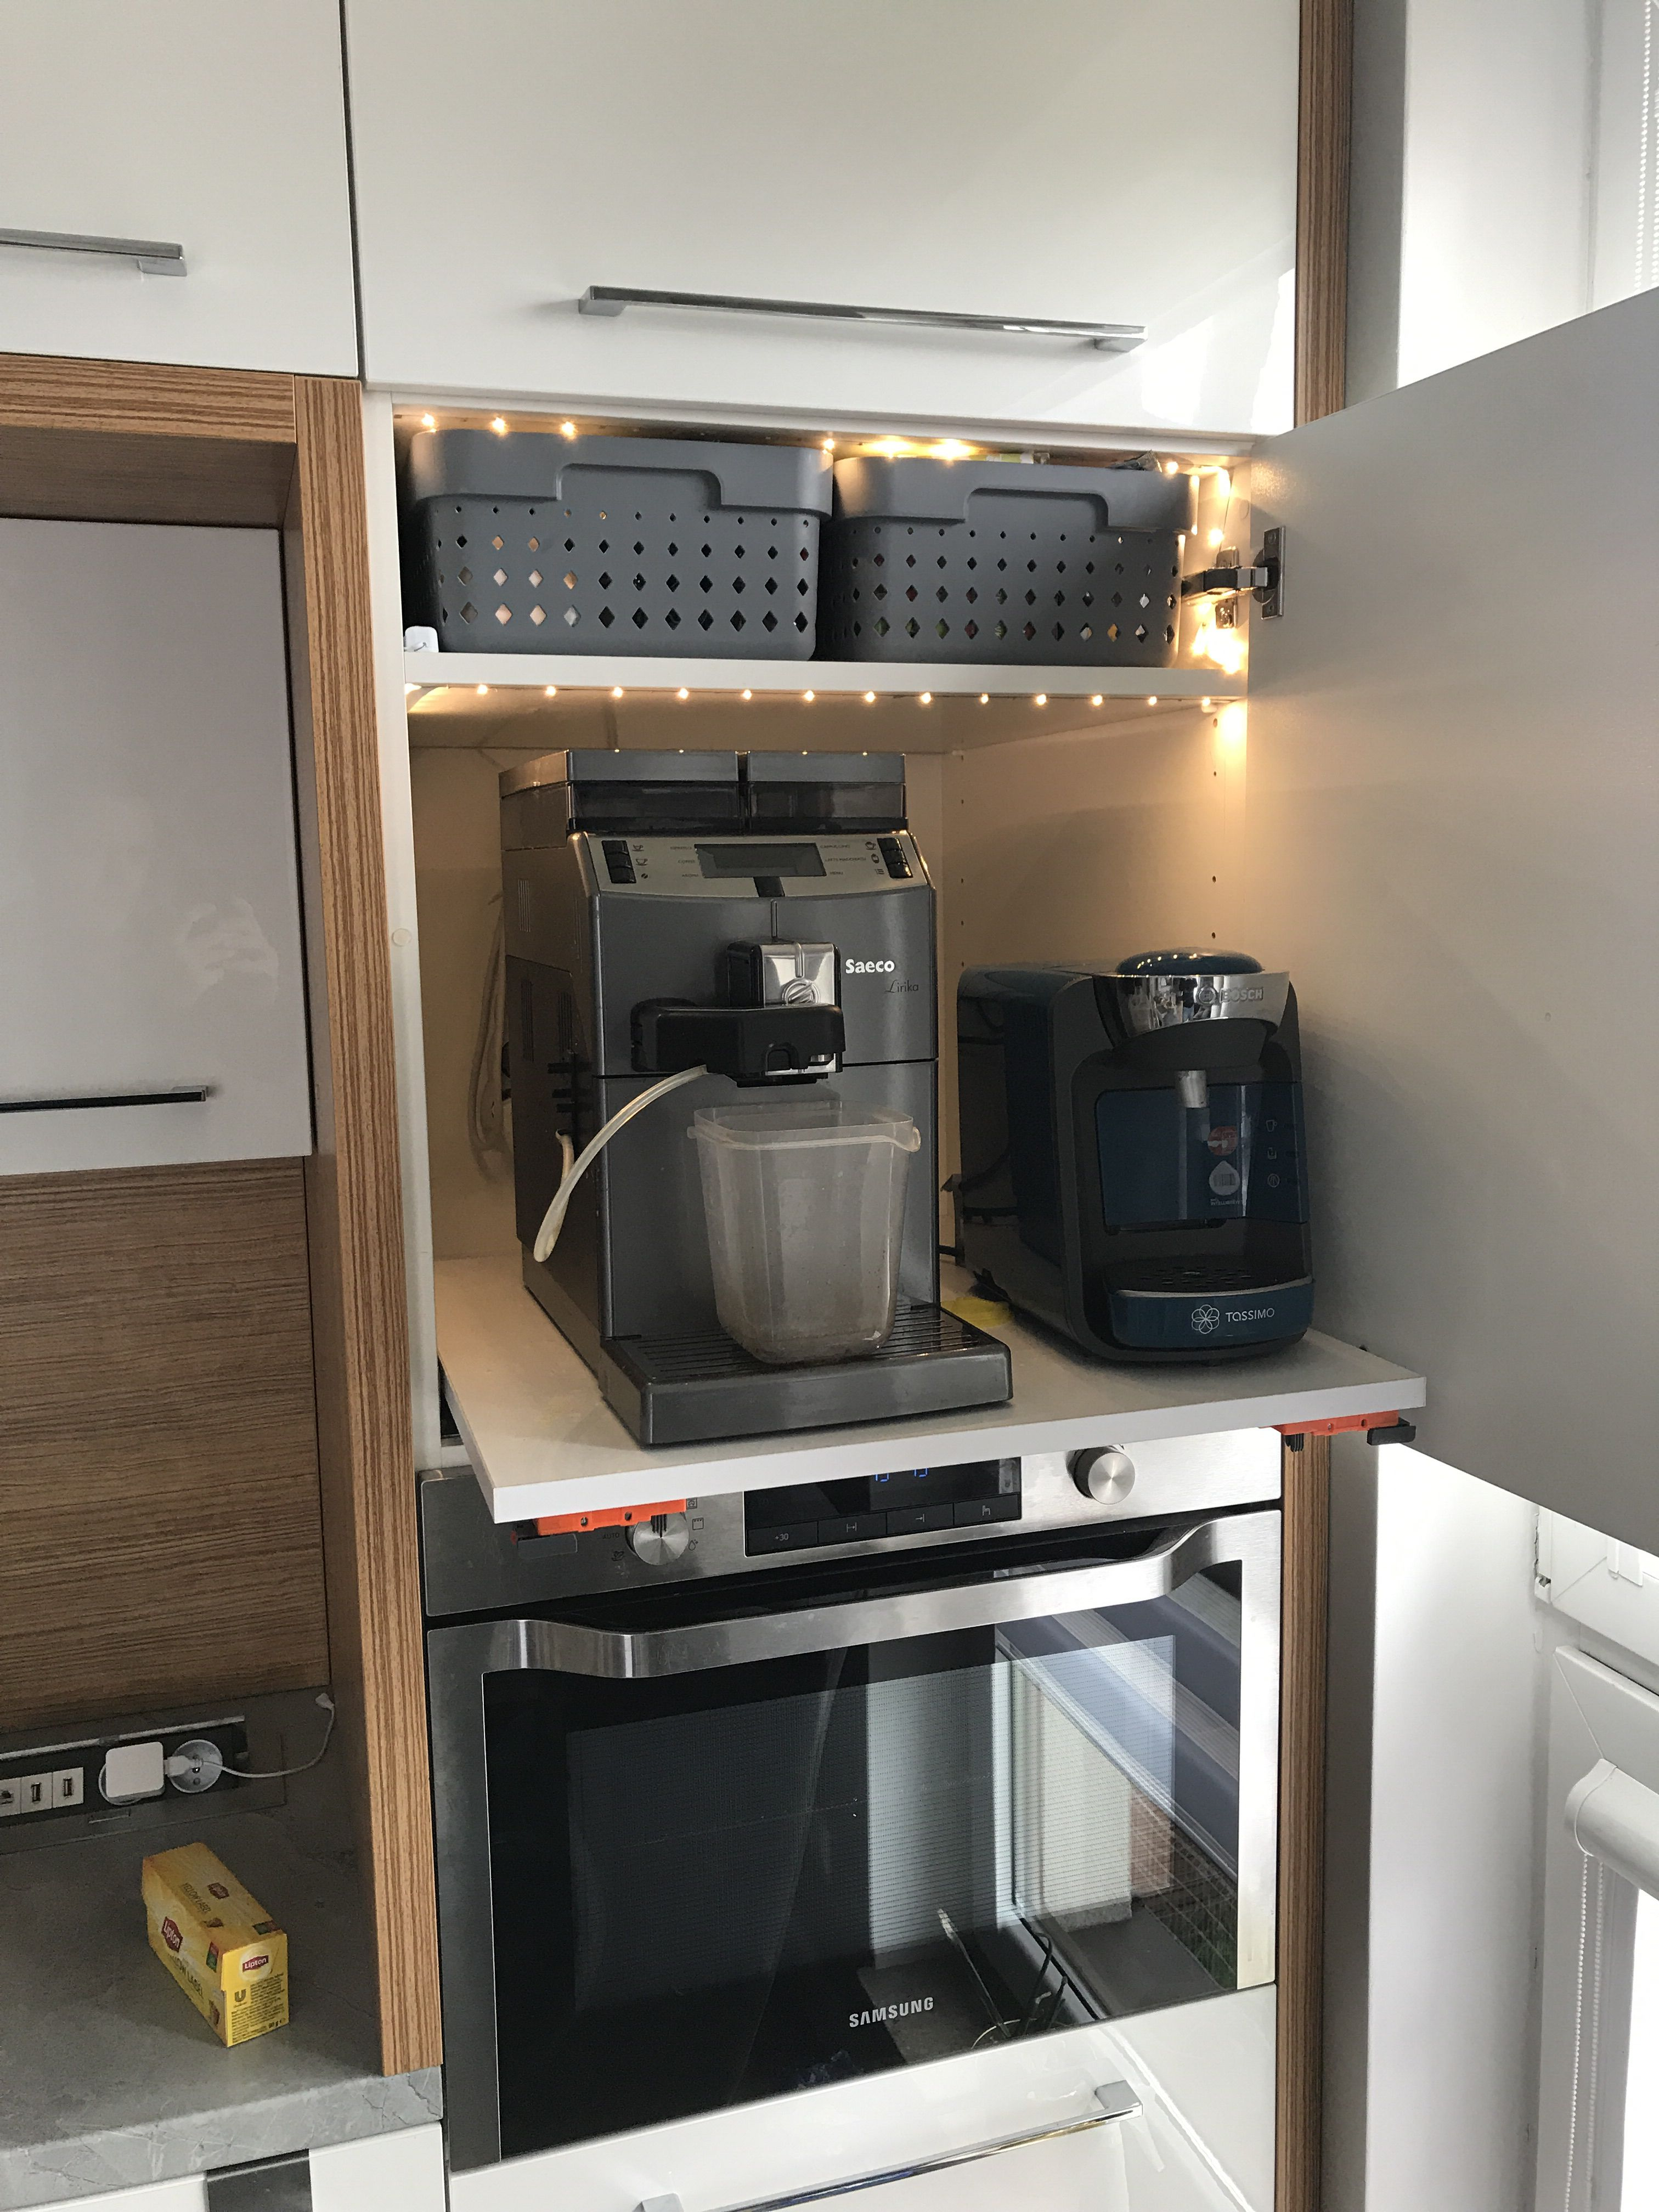 Ekspres Do Kawy Ukryty W Szafce Kuchennej Home